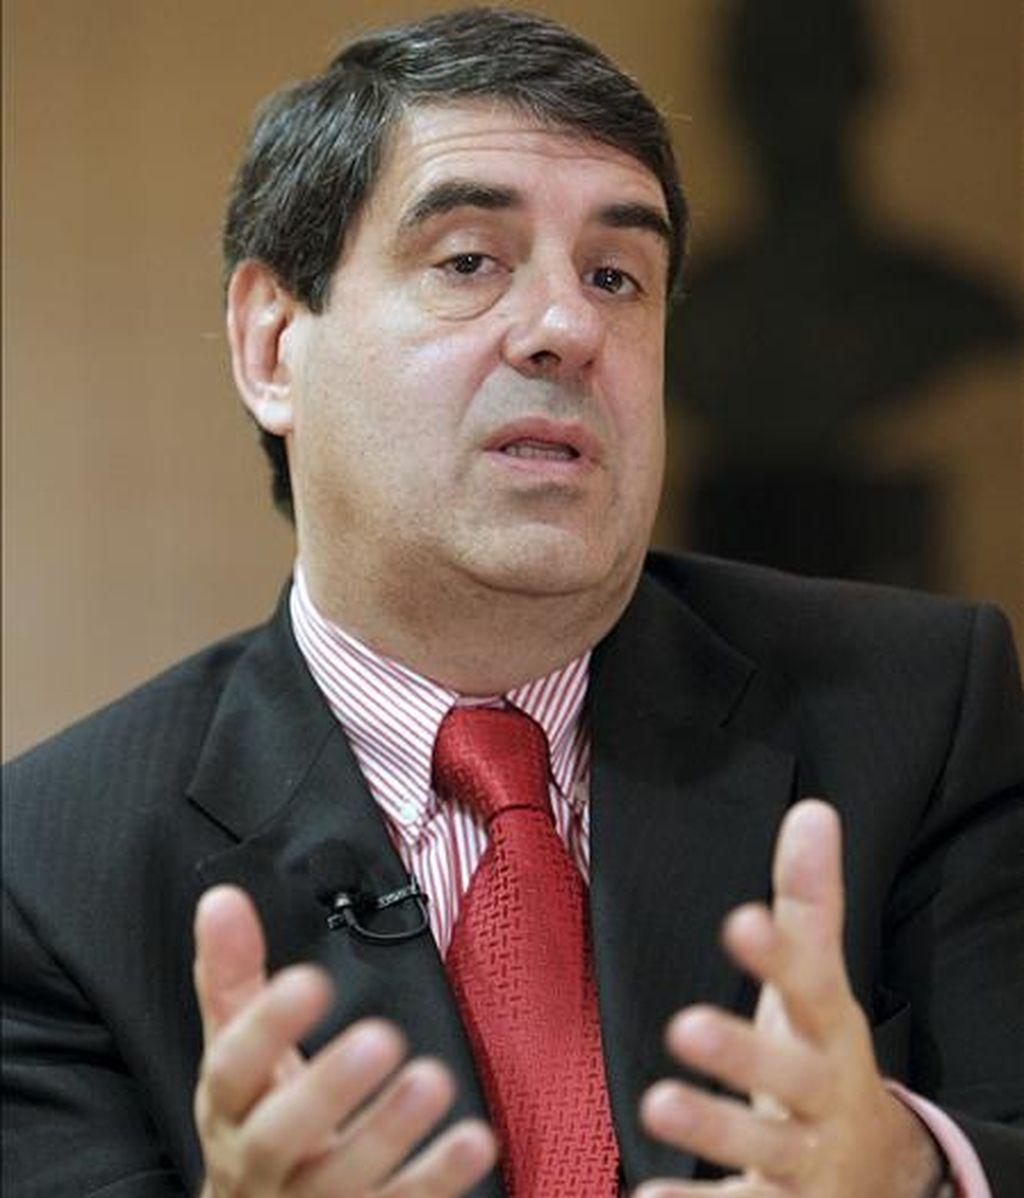 El embajador de Chile en España, Gonzalo Martner Fanta, durante la entrevista con Efe en la que dijo hoy que la crisis económica no ha afectado de momento a la inversión española en su país. EFE